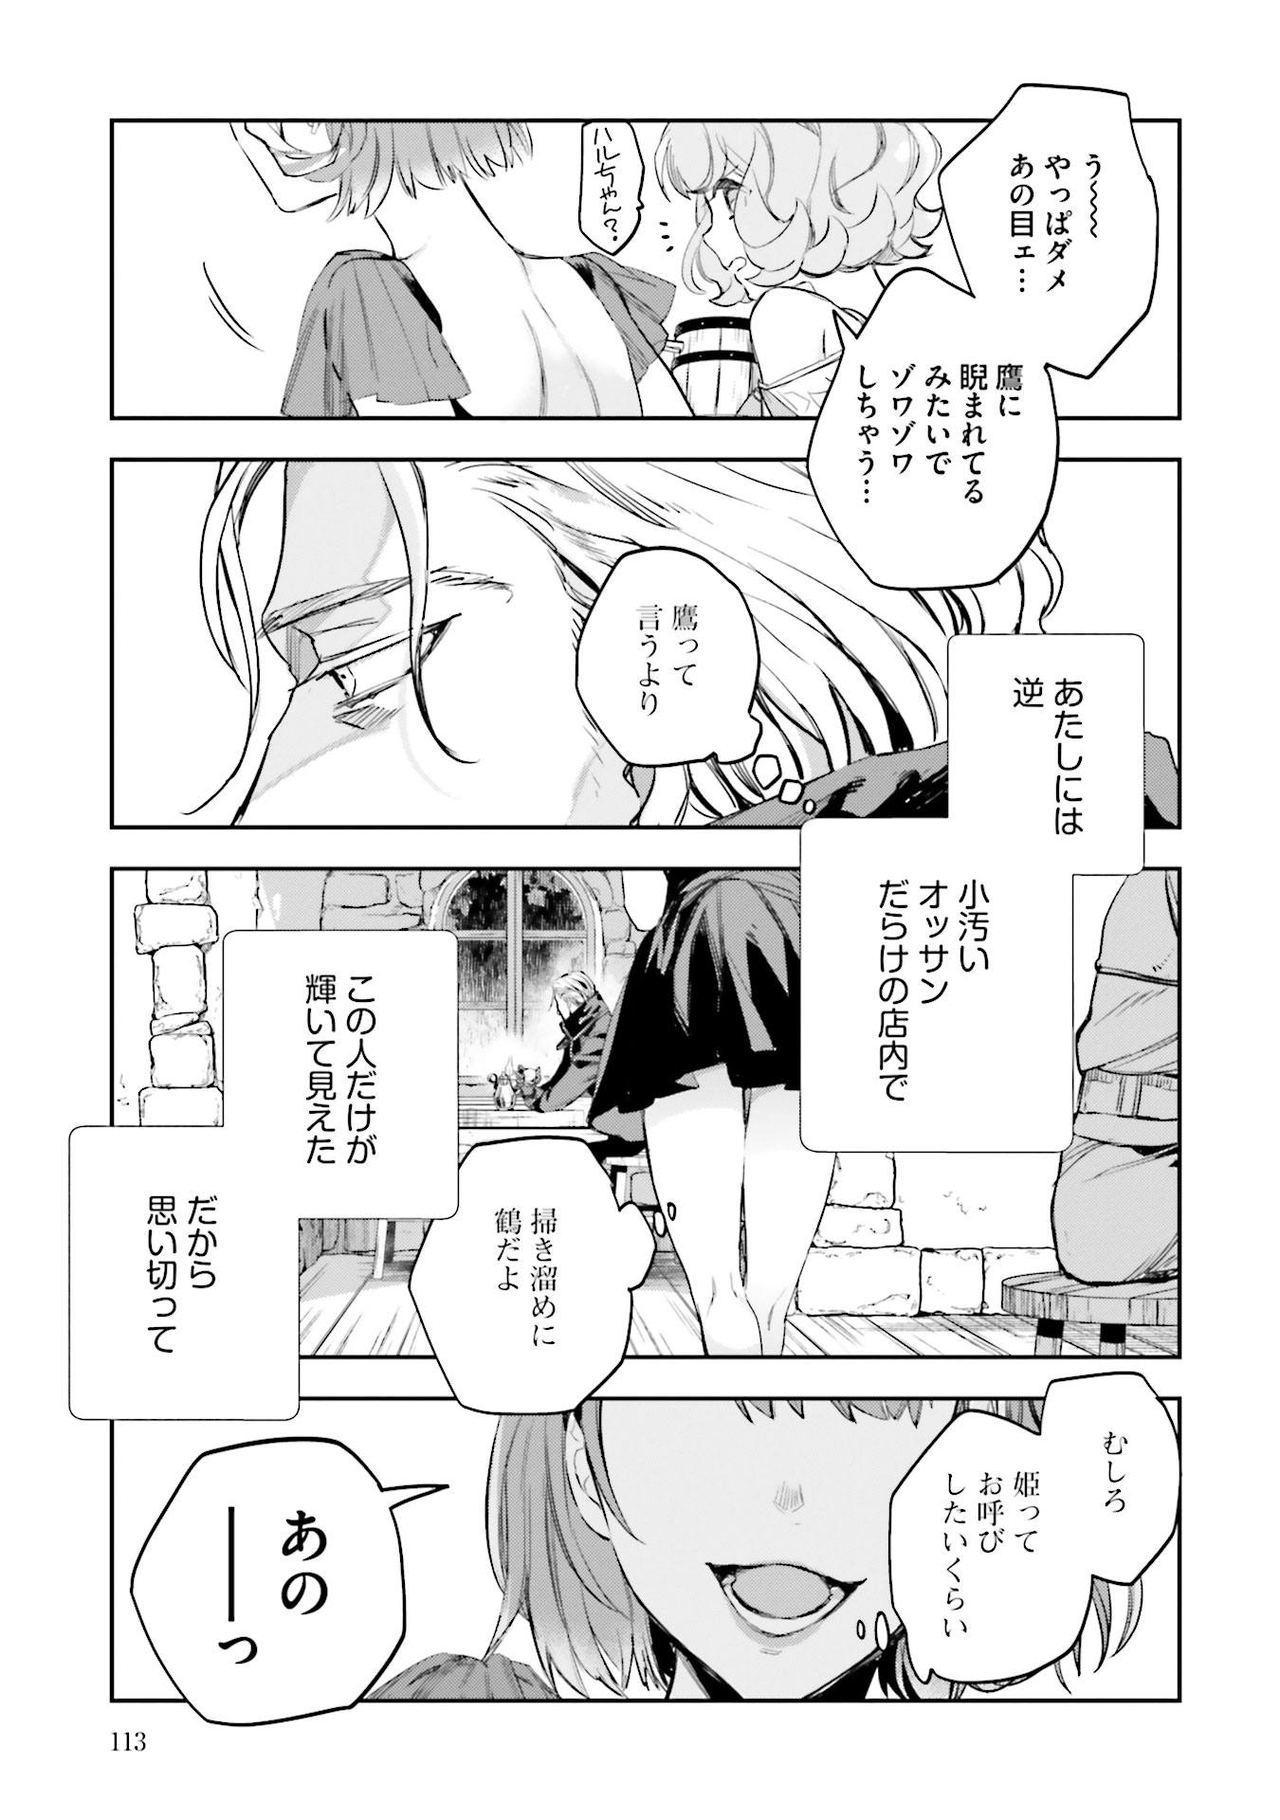 JK Haru wa Isekai de Shoufu ni Natta 1-14 301